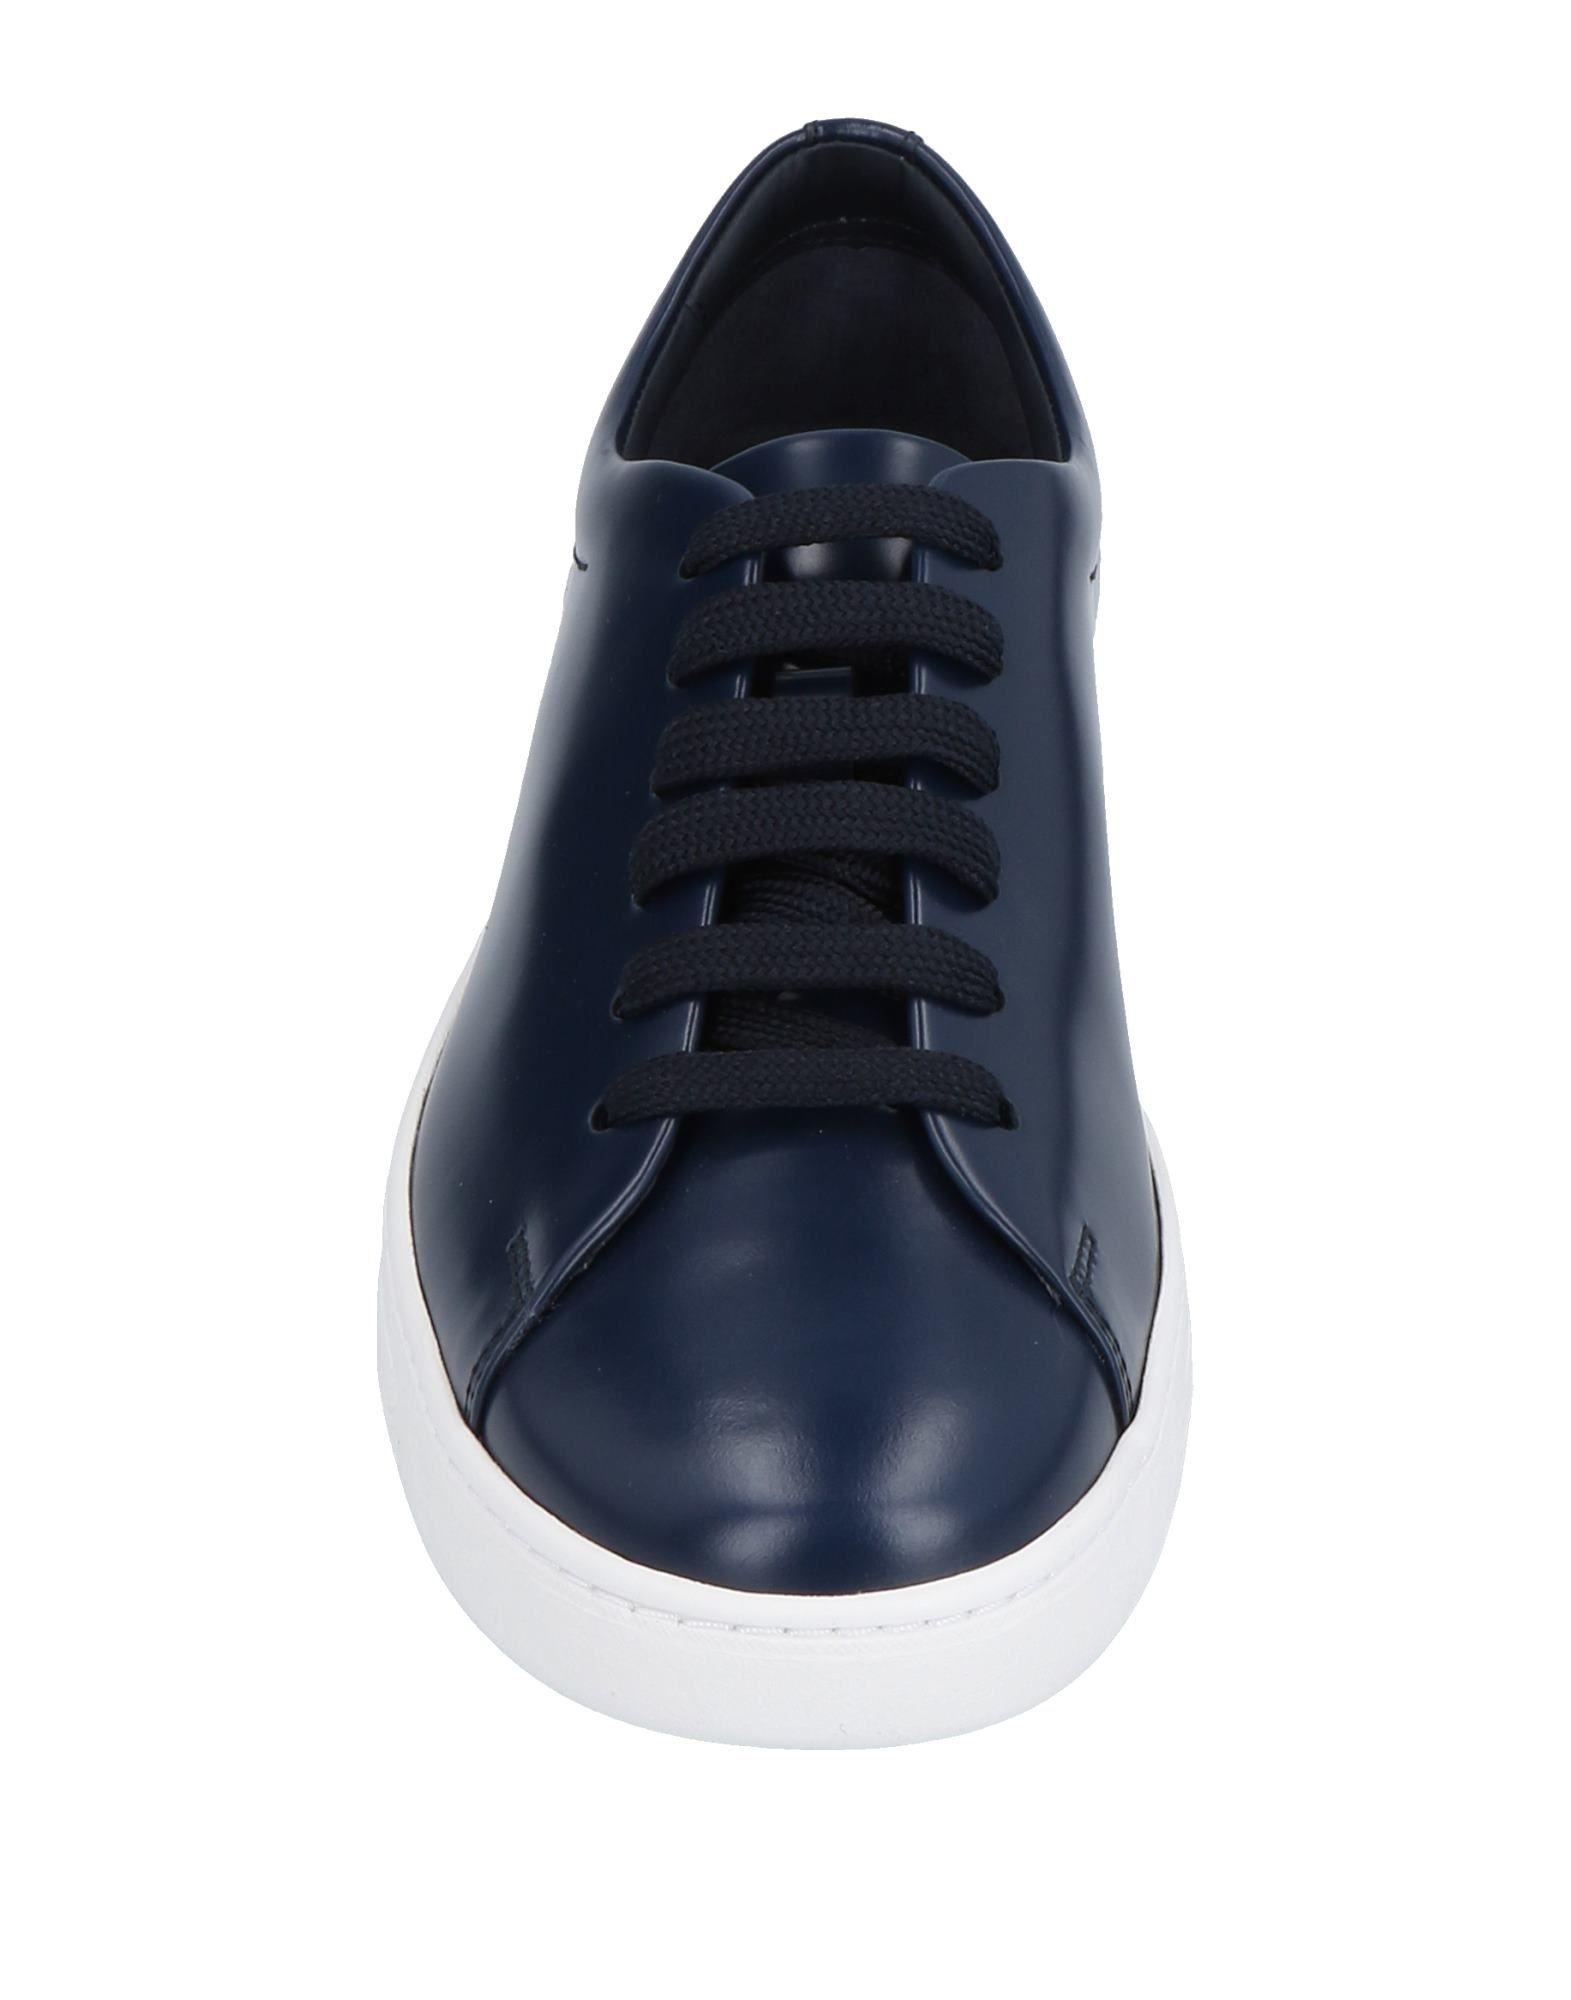 Prada Sport Herren Sneakers Herren Sport  11255284HC 68ea29